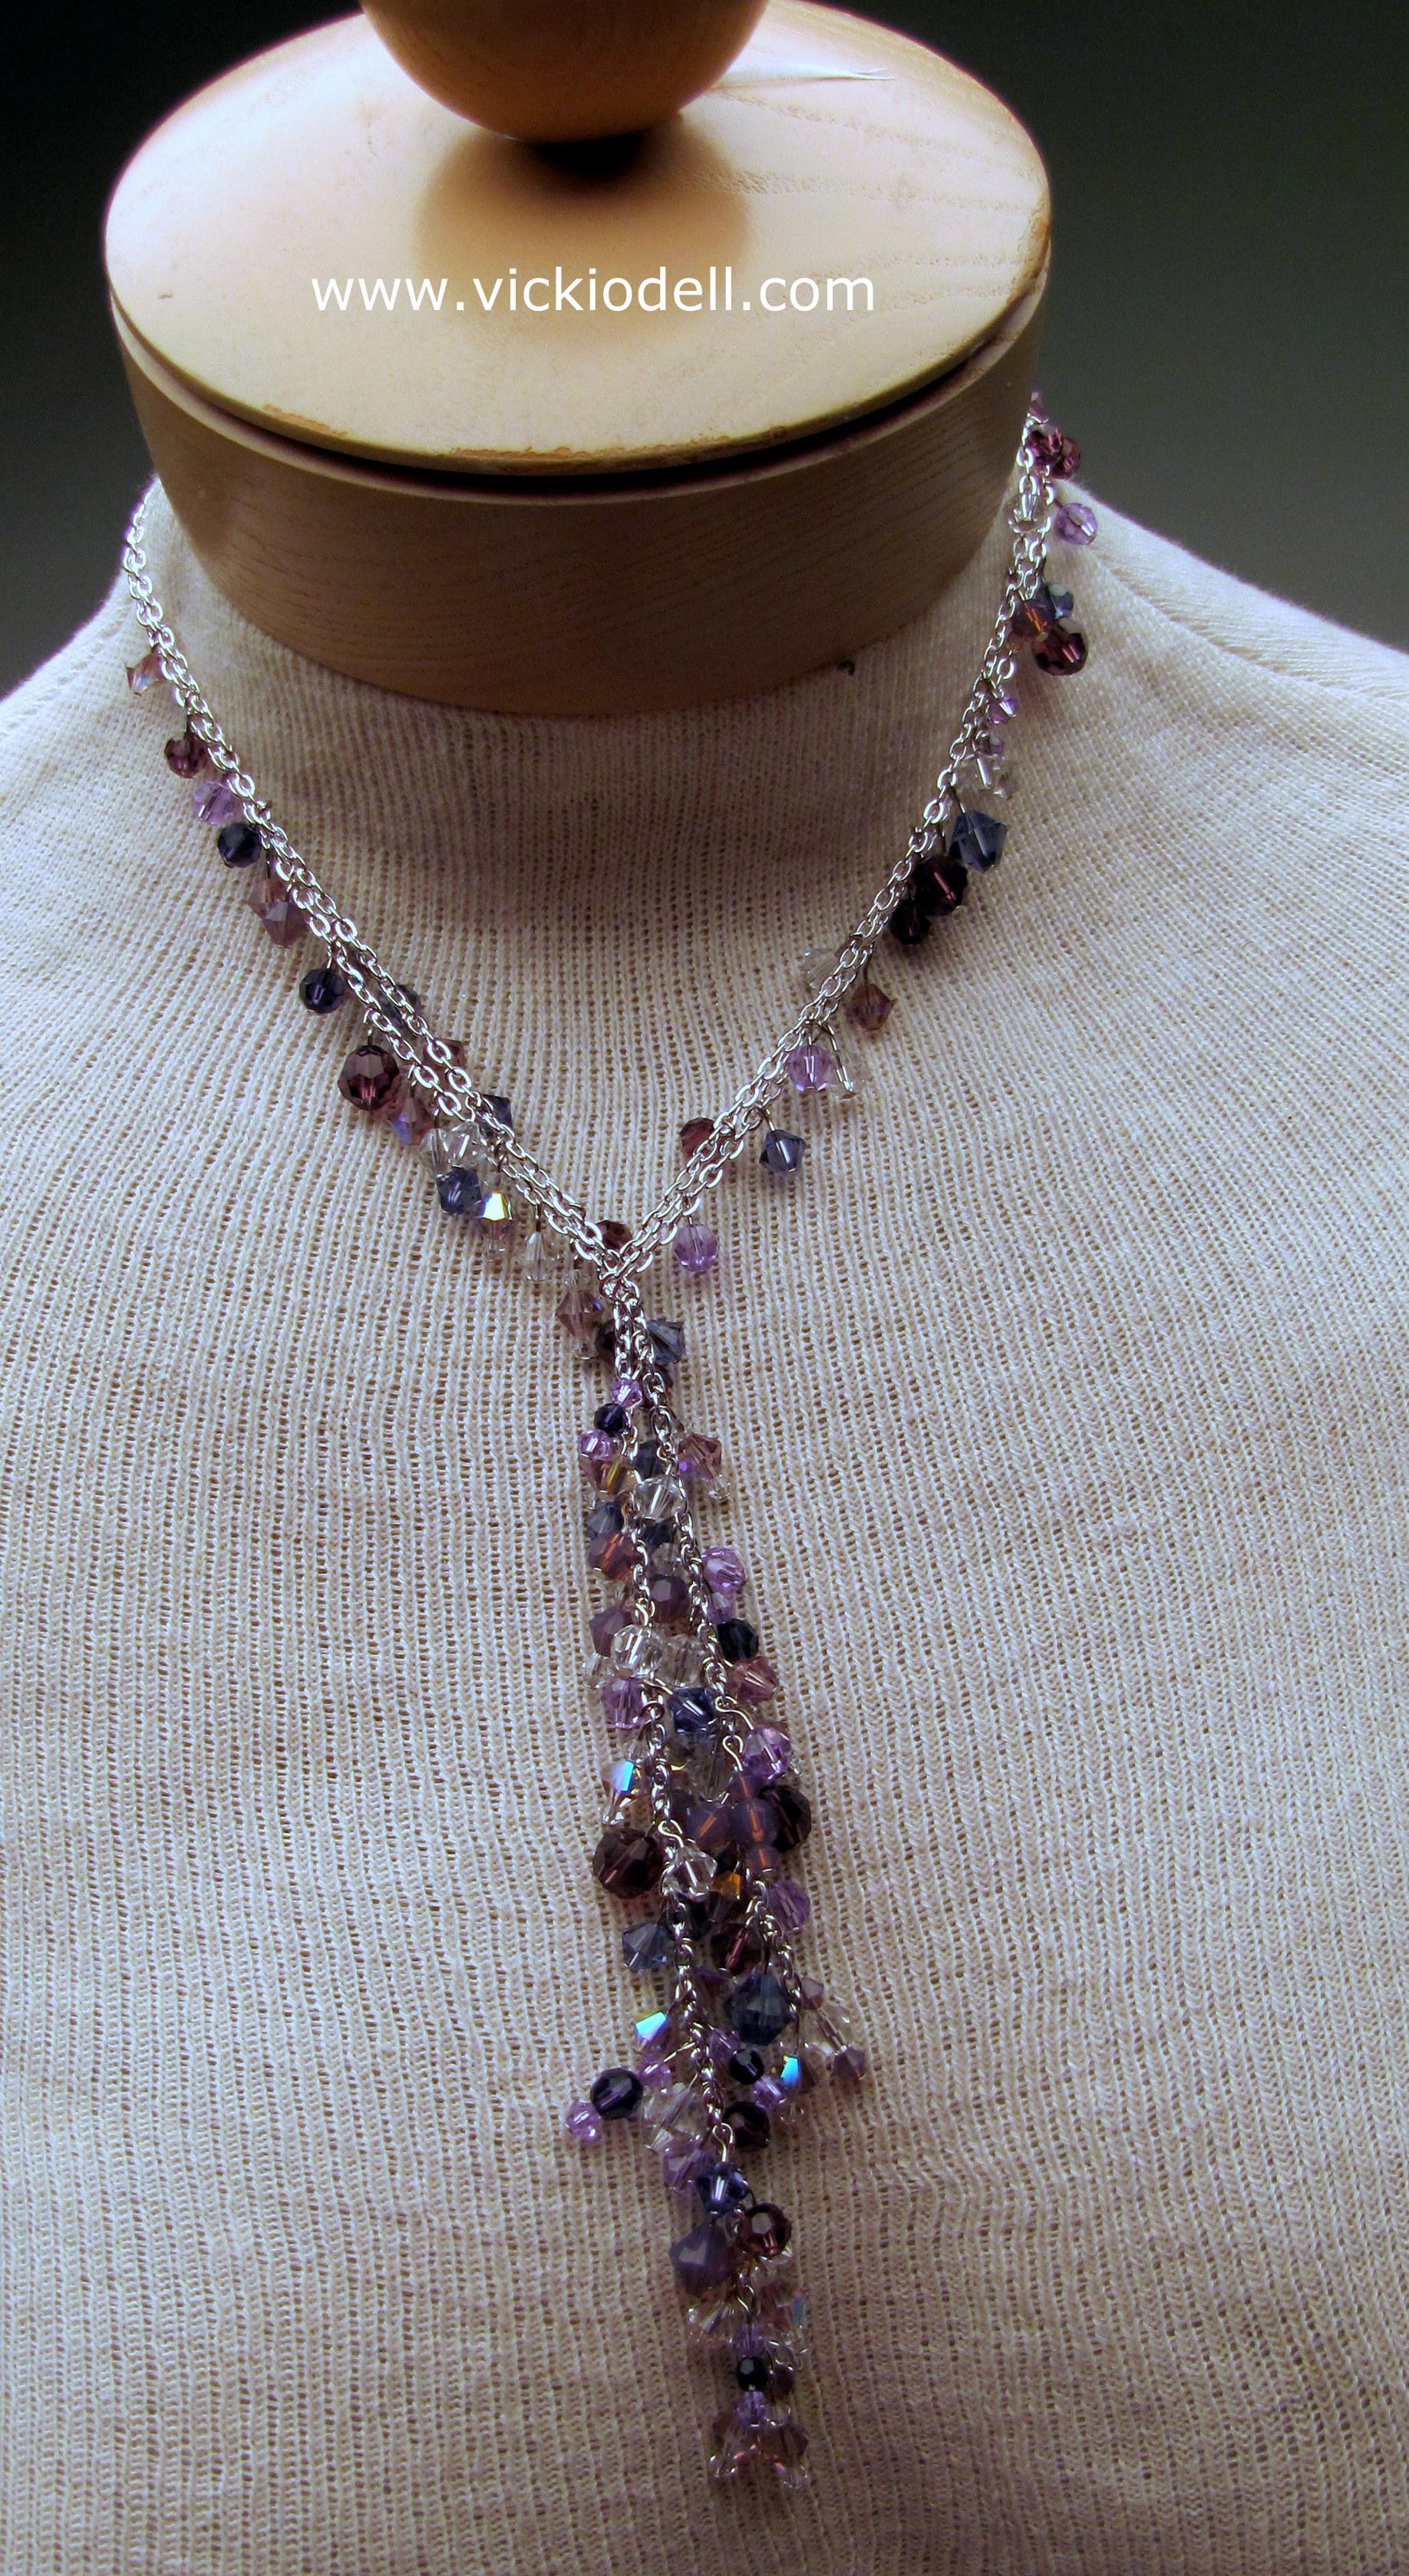 Dressy Lariat with Swarovski Crystals